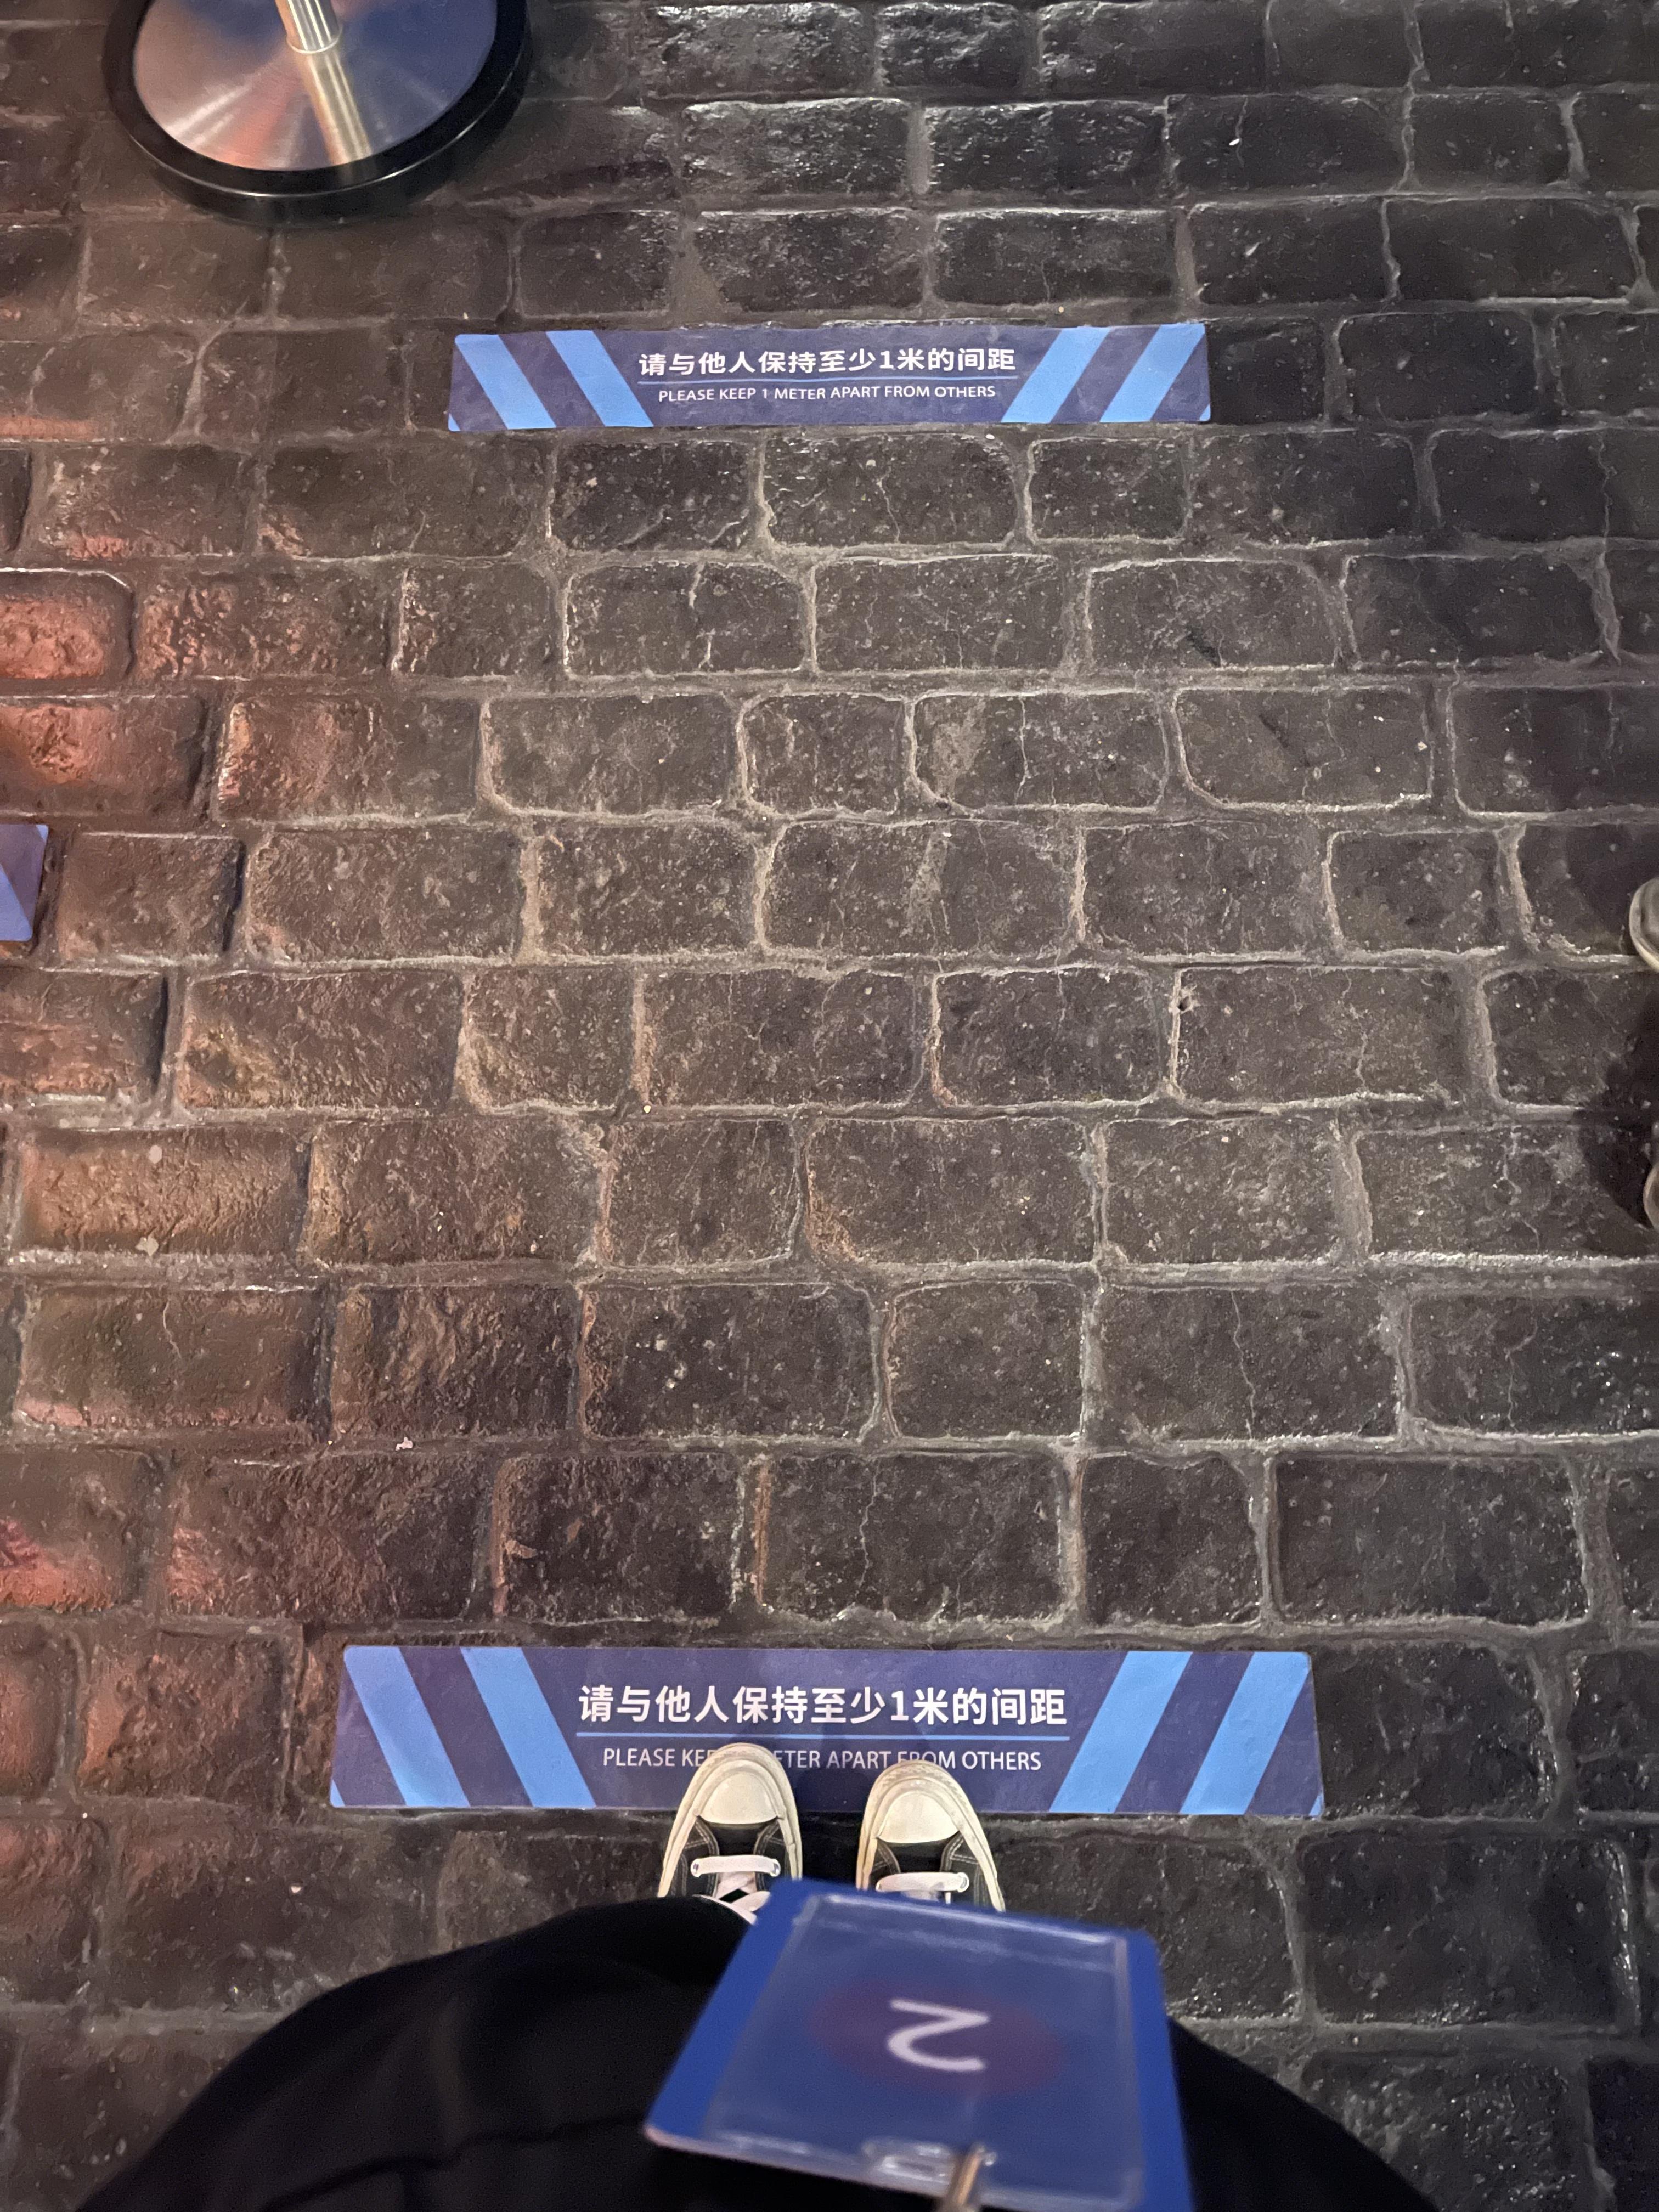 游乐项目的排队通道中,地上每隔一米的位置都贴上了指示贴纸